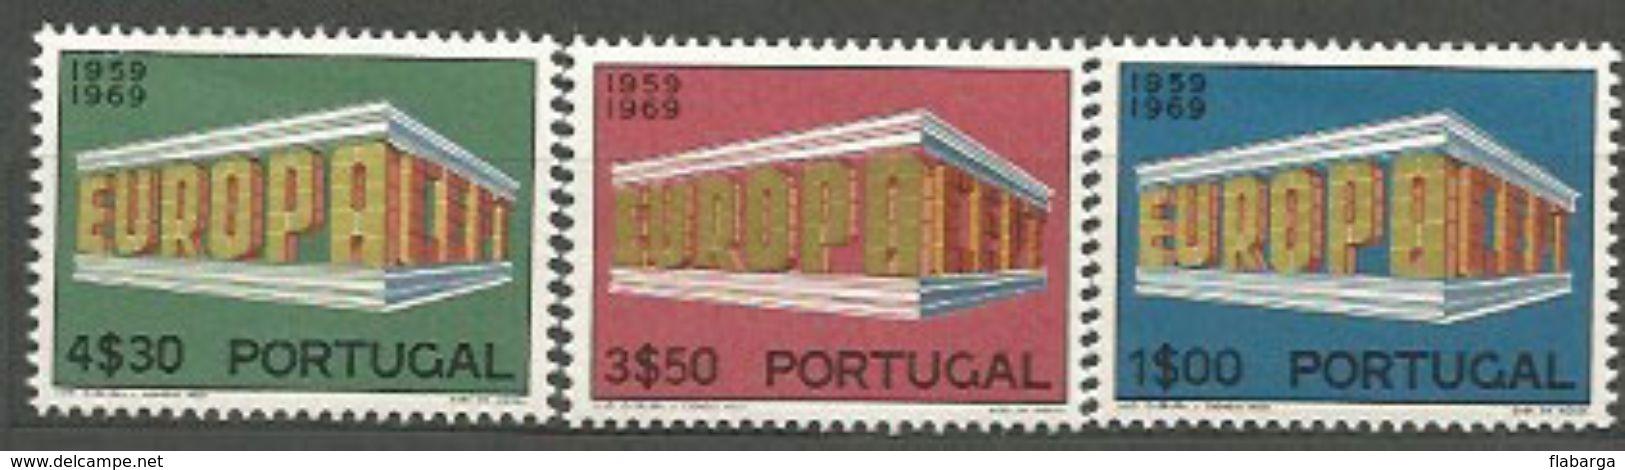 Año 1969 Nº 1051/3 Europa - Nuevos